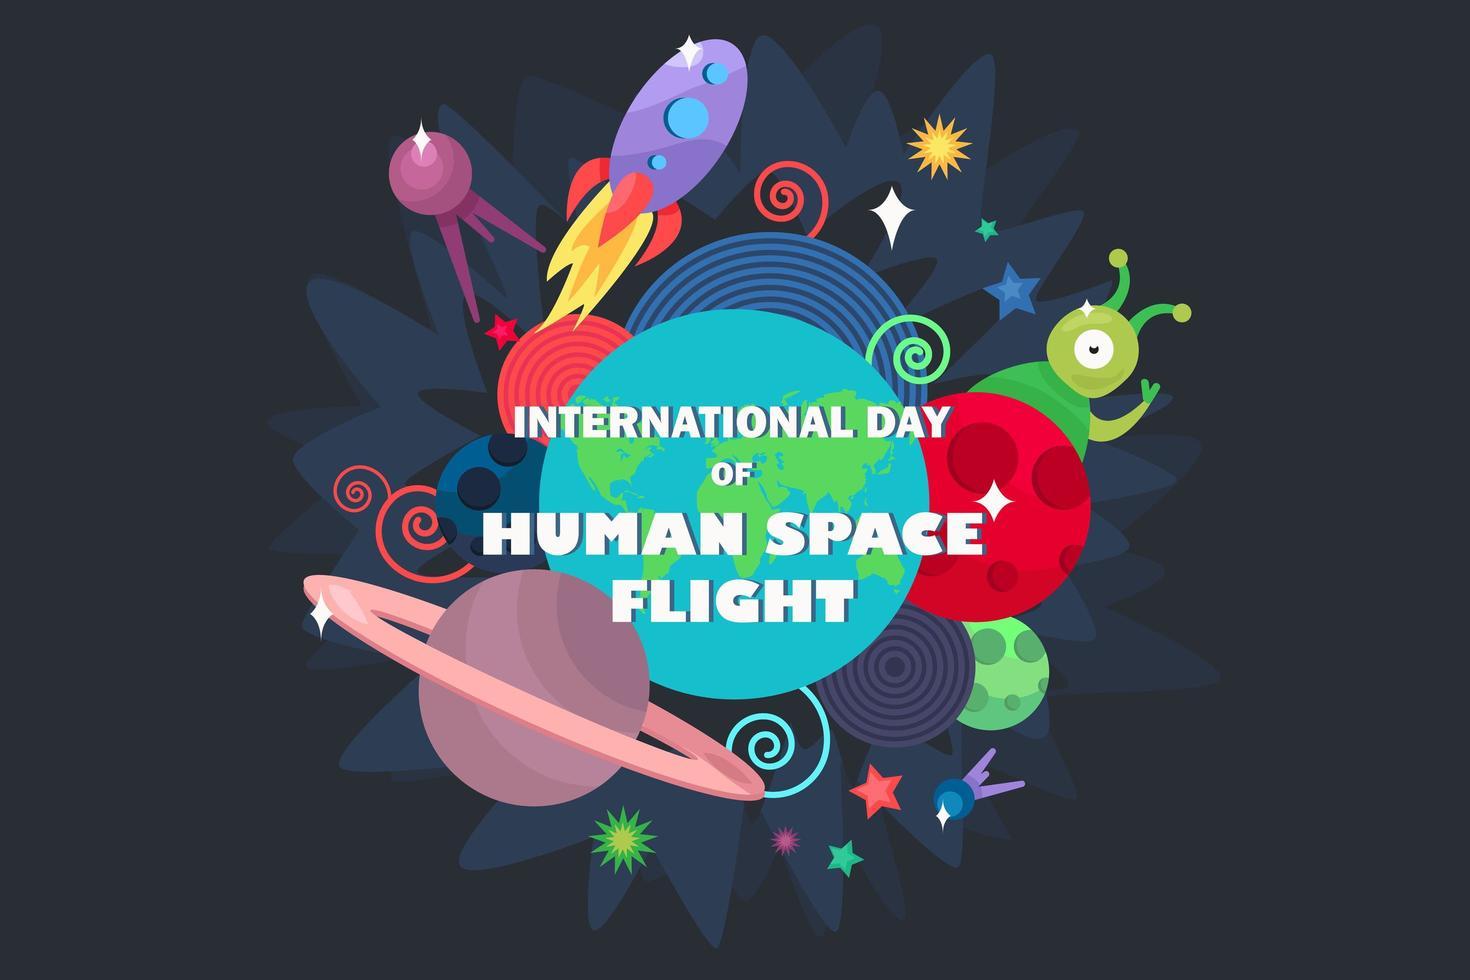 día internacional de los vuelos espaciales tripulados vector